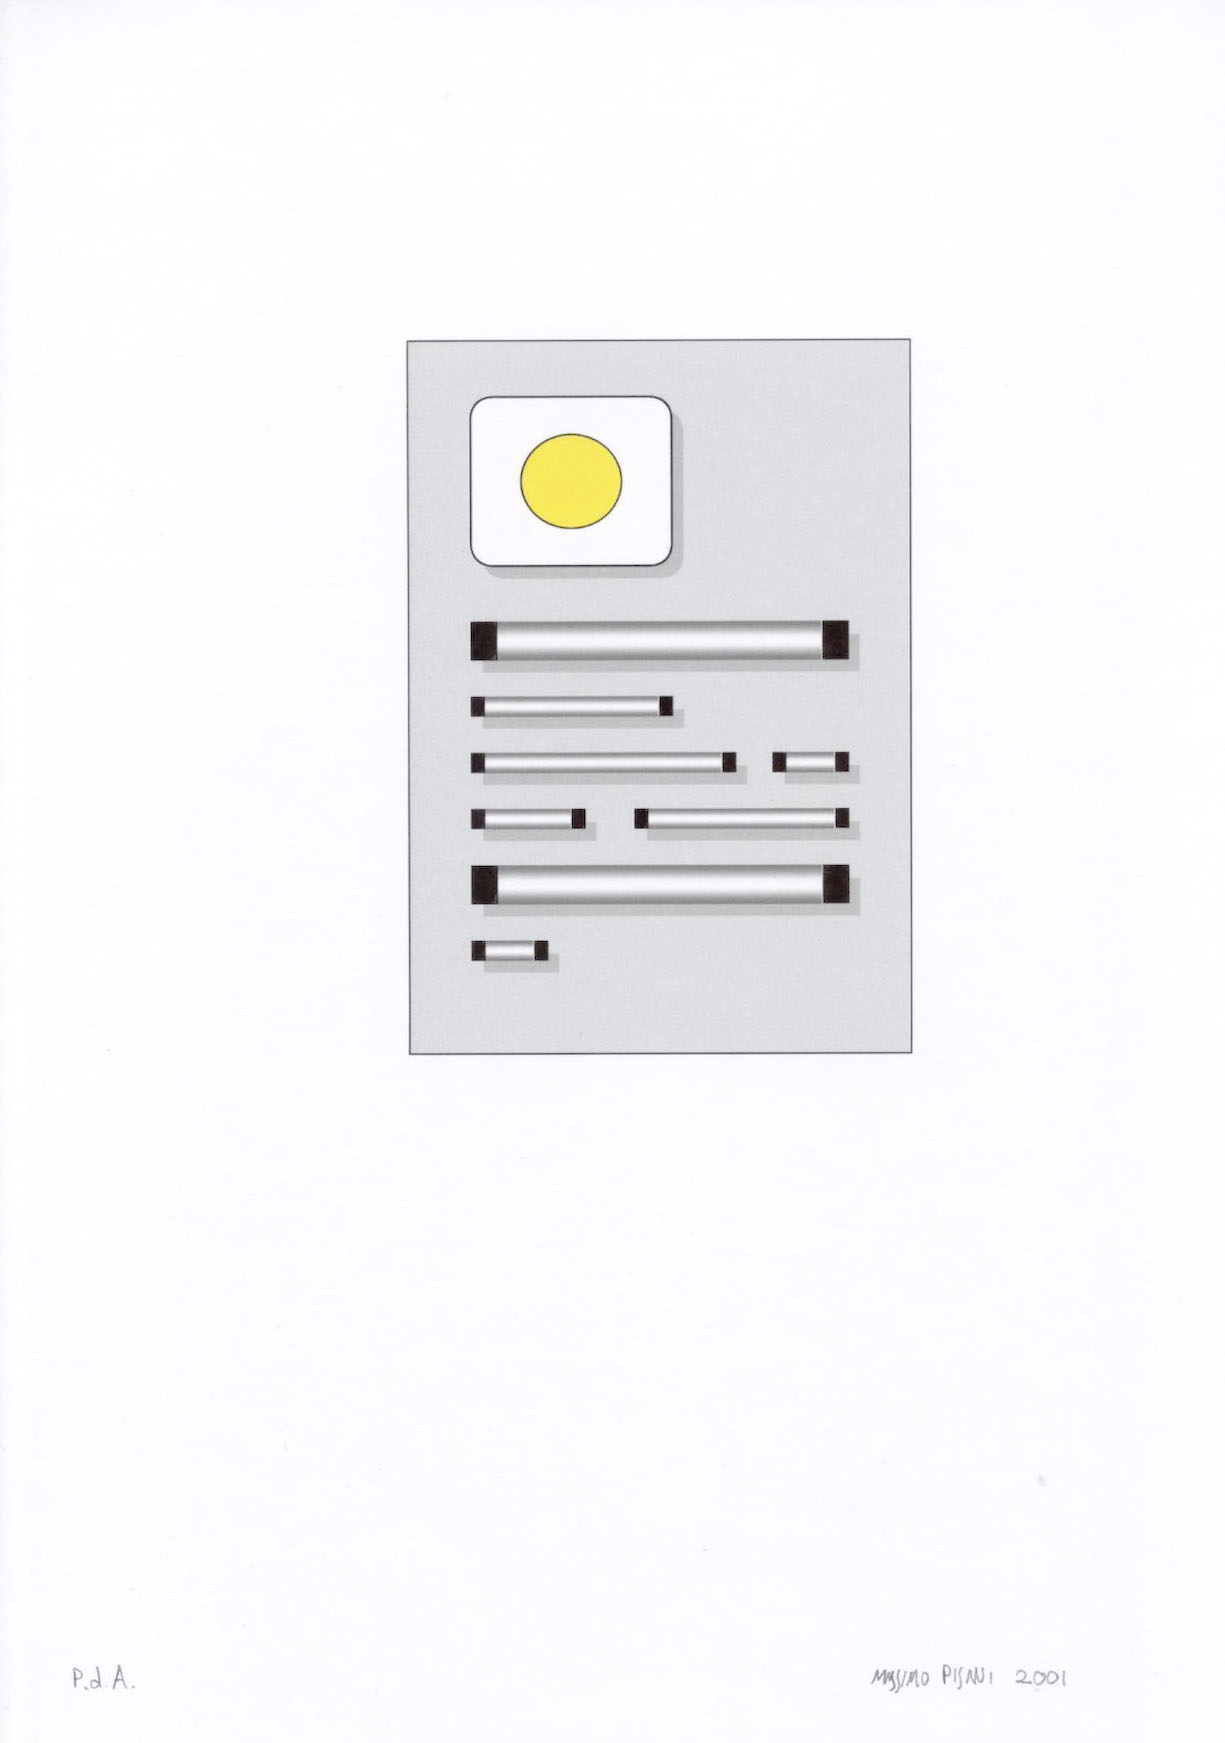 Ilustraciónes para la publicación Pulcino elefante cm.21x29,7 -2002- 15